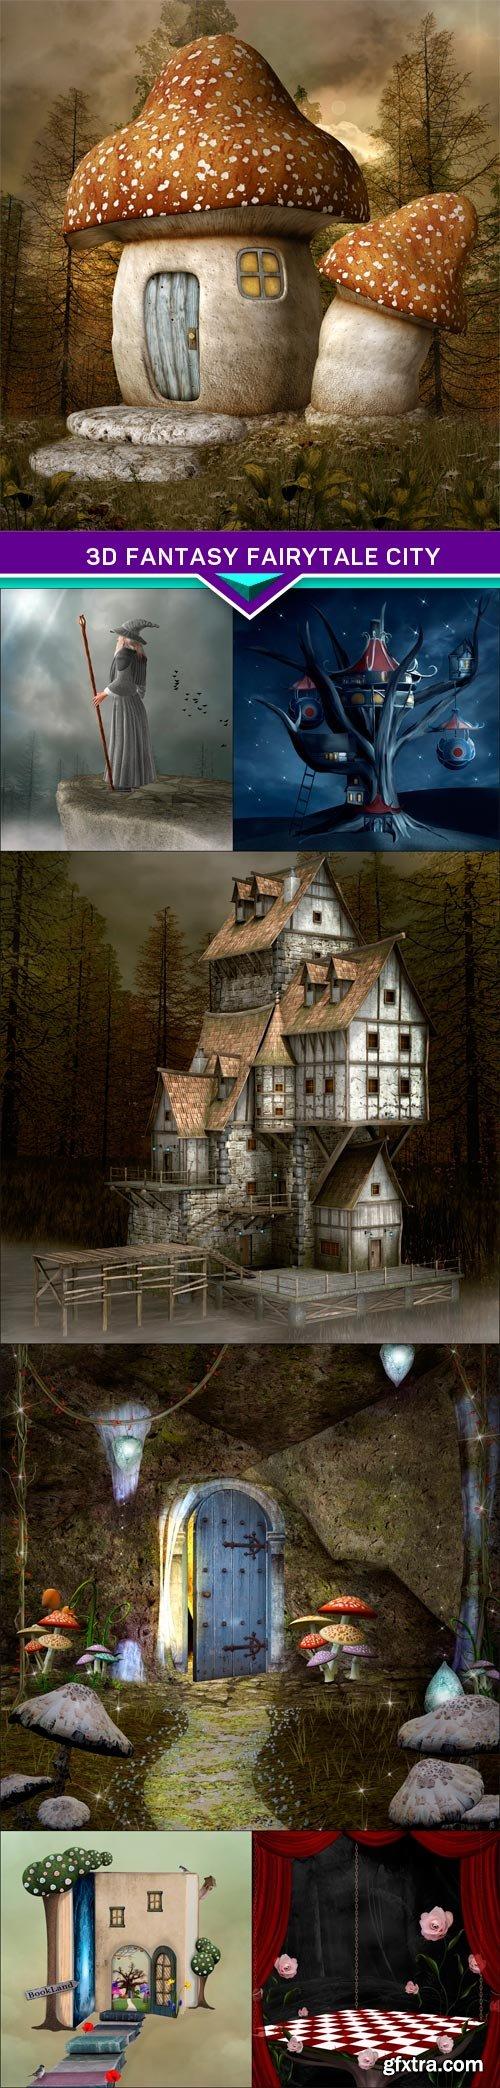 3d fantasy fairytale city 7X JPEG